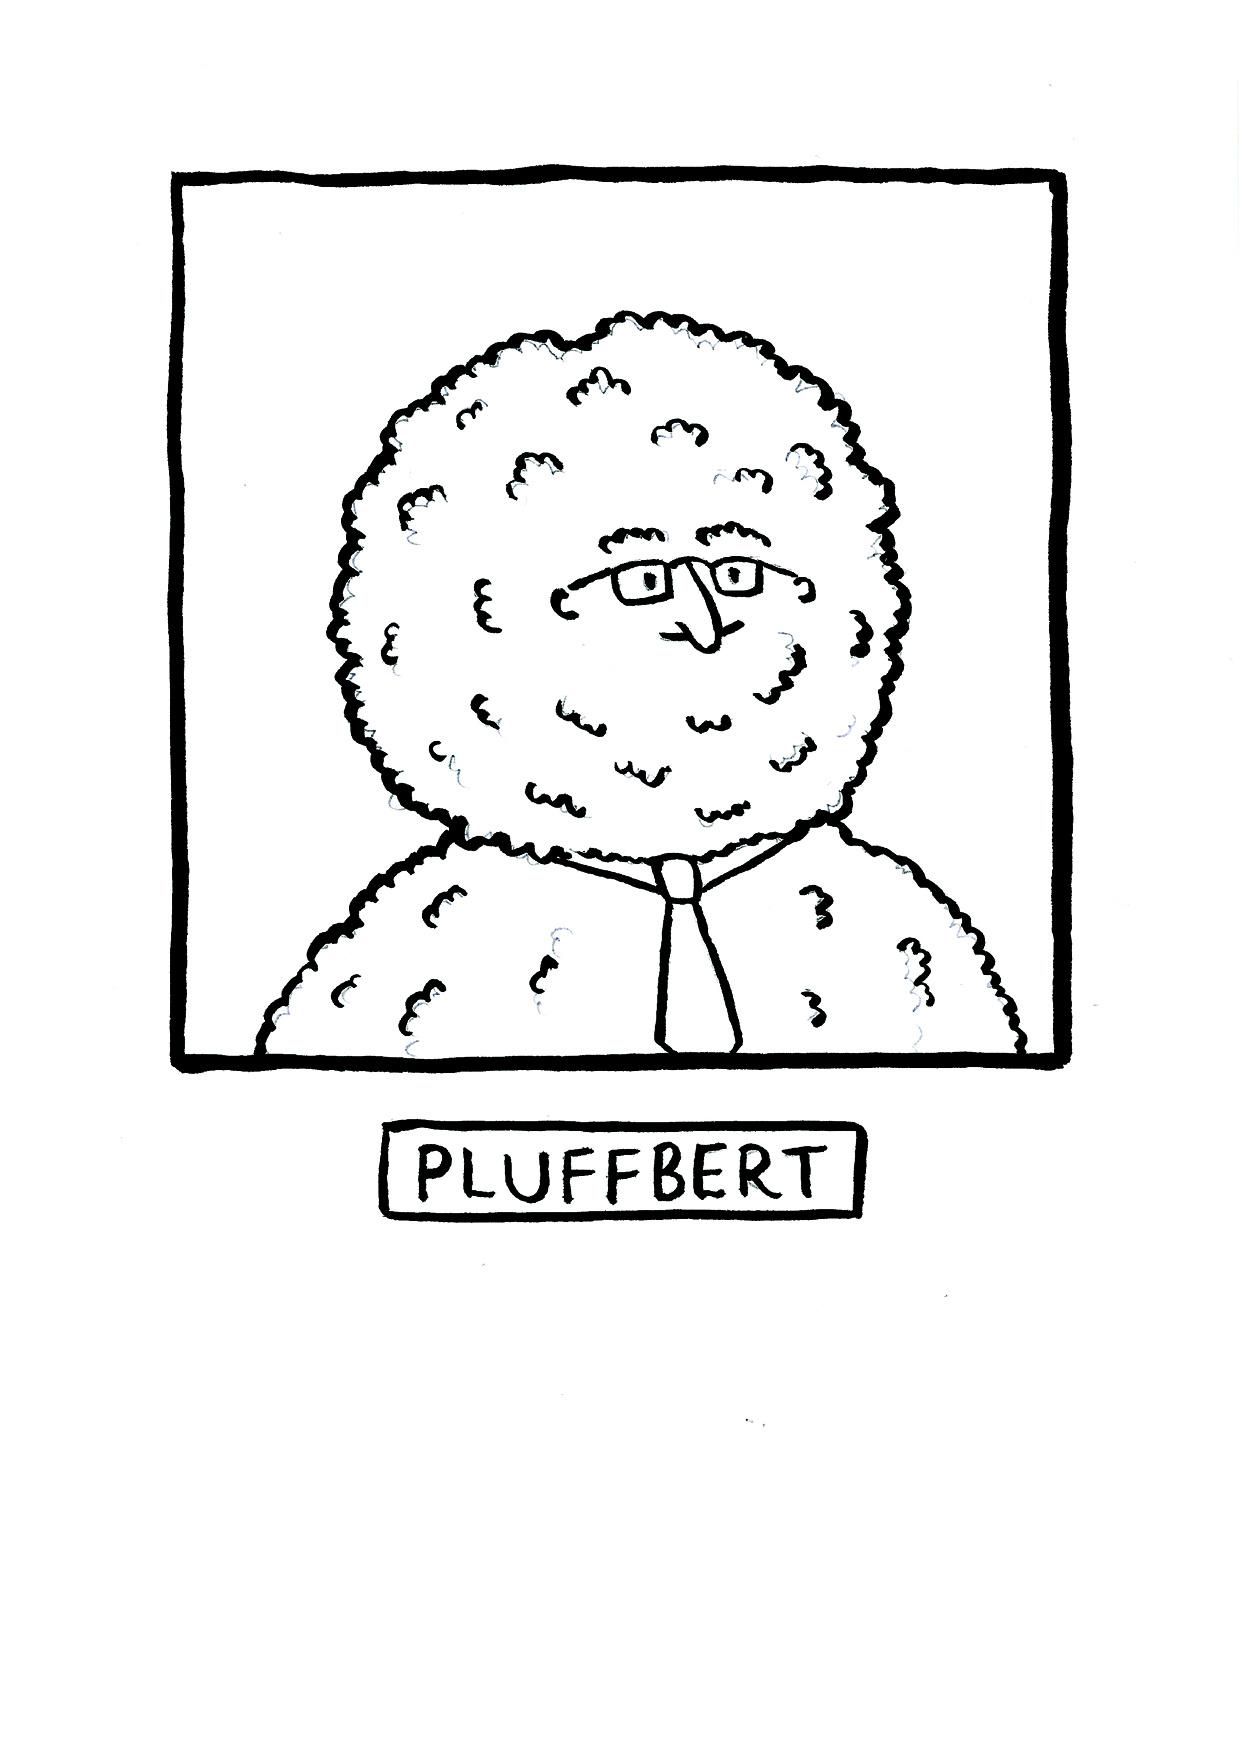 Pluffbert